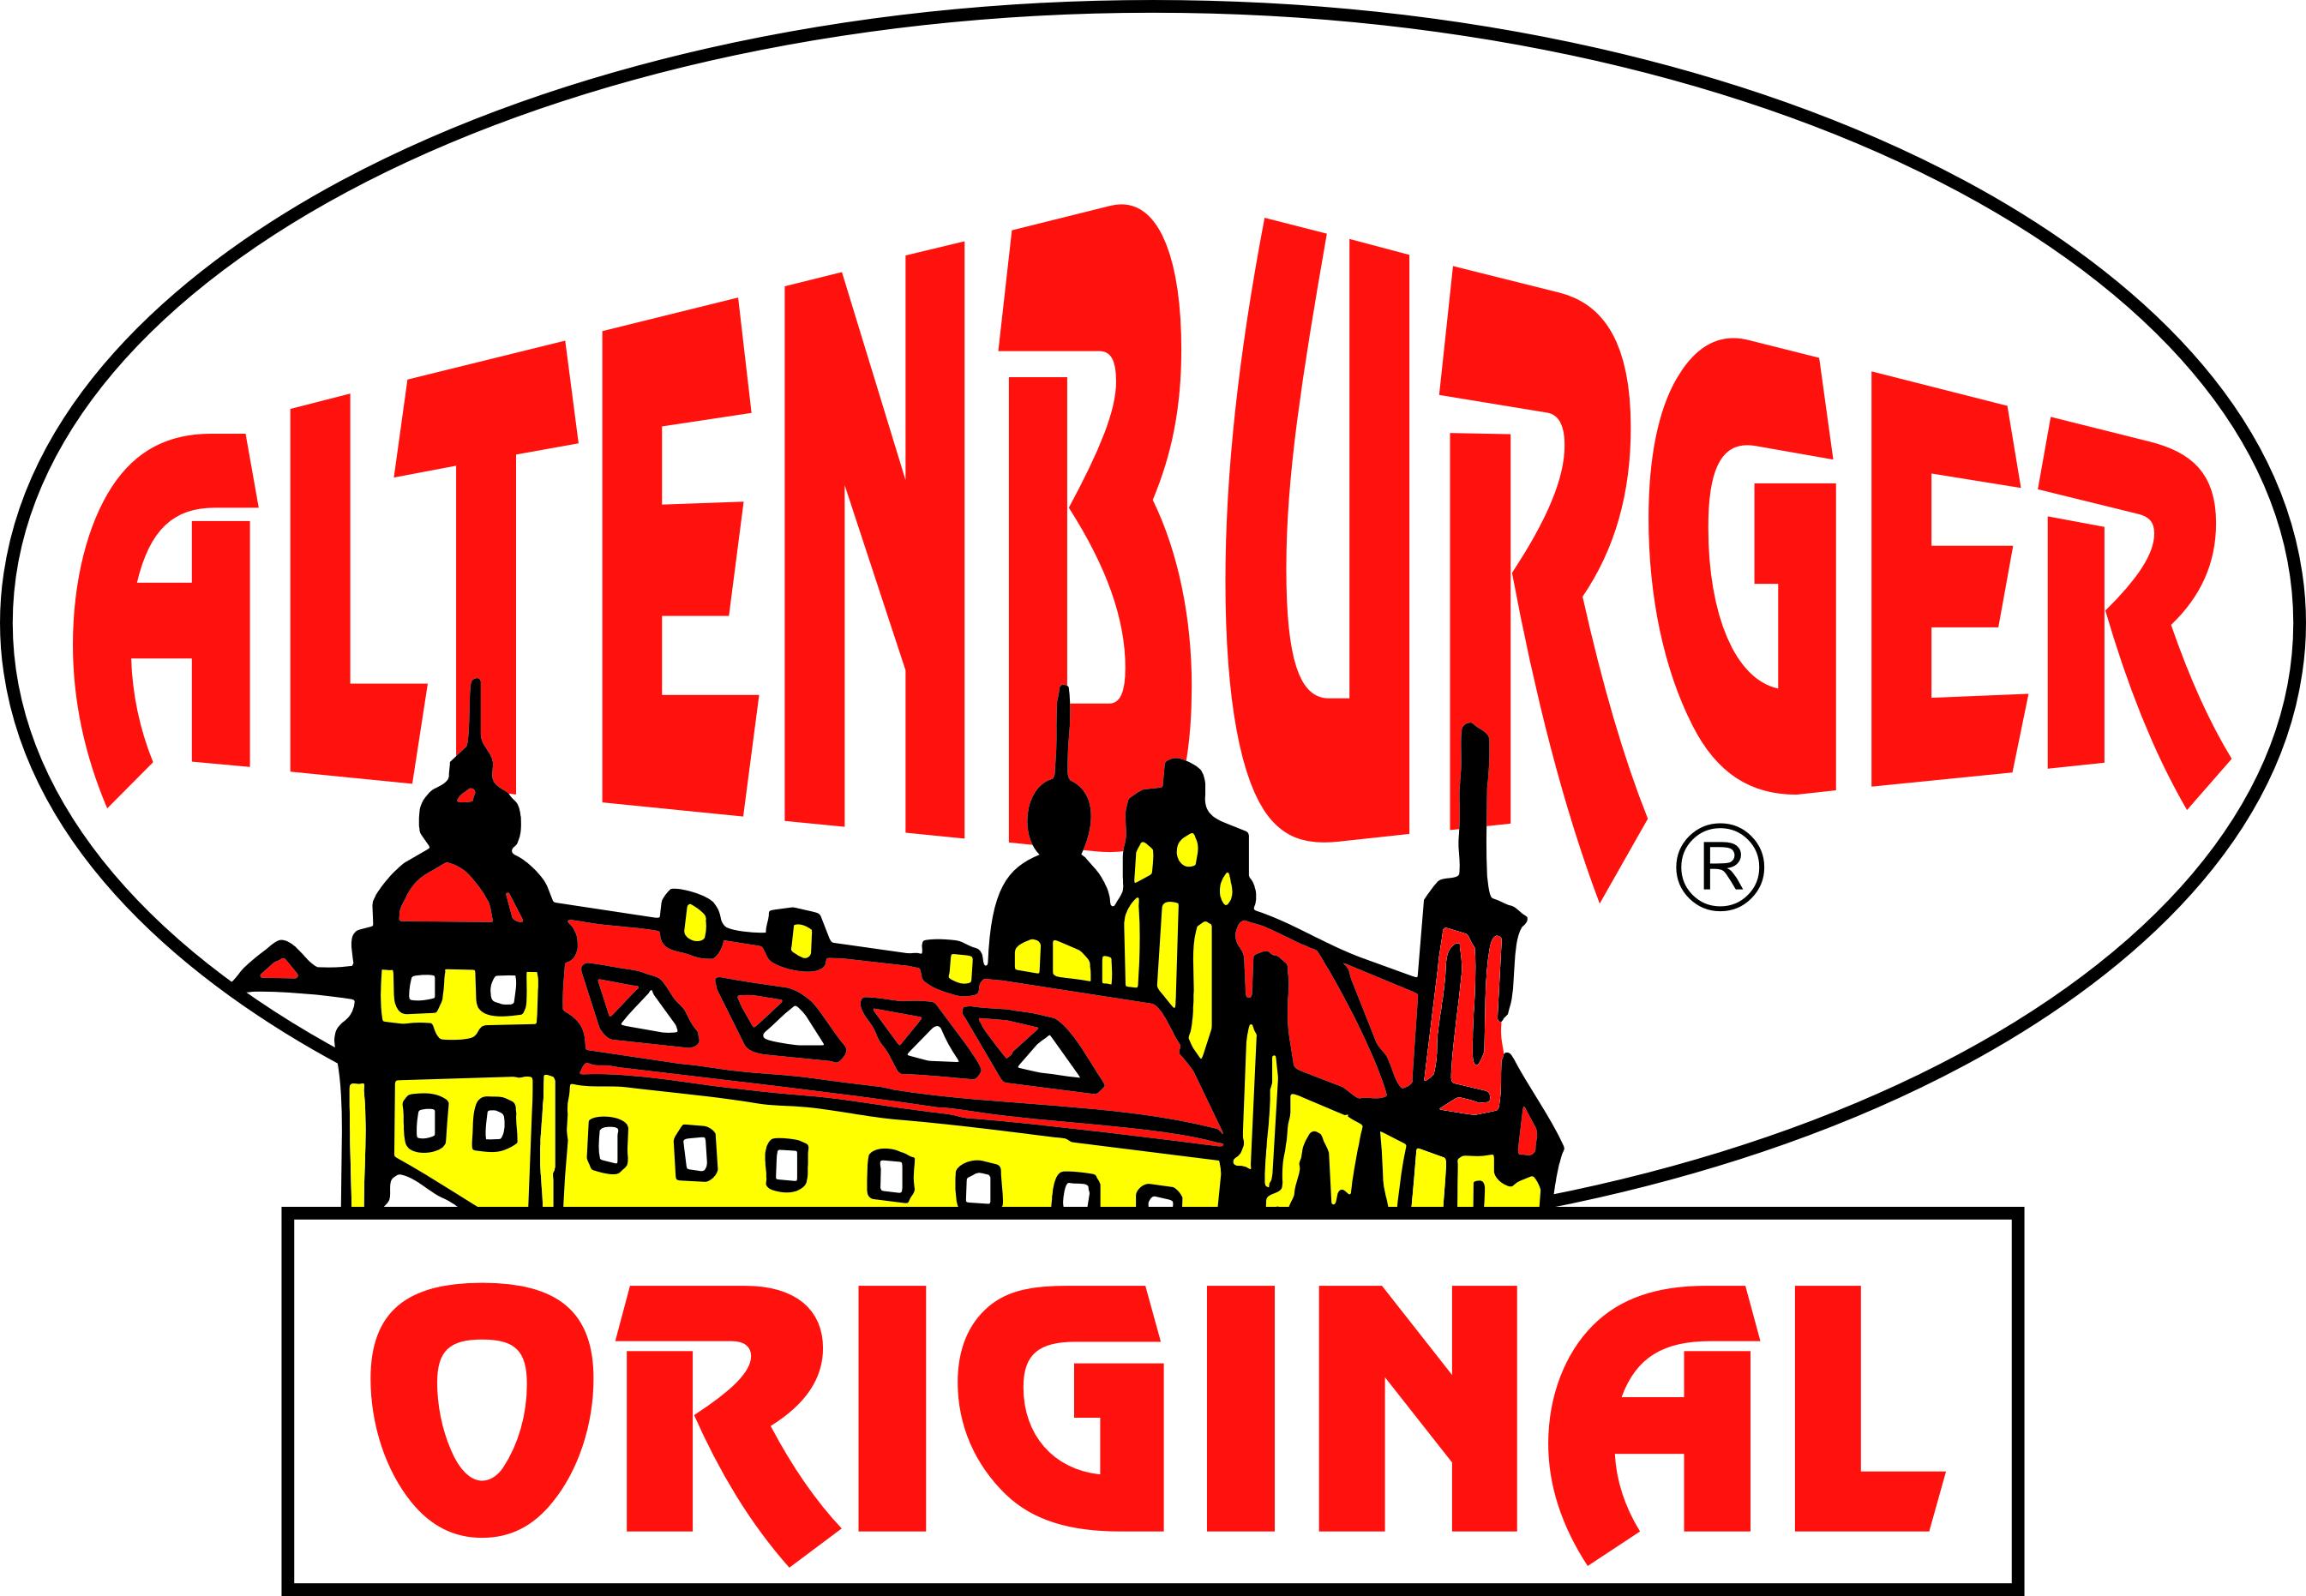 Altenburger-Senf-Feinkost_Logo